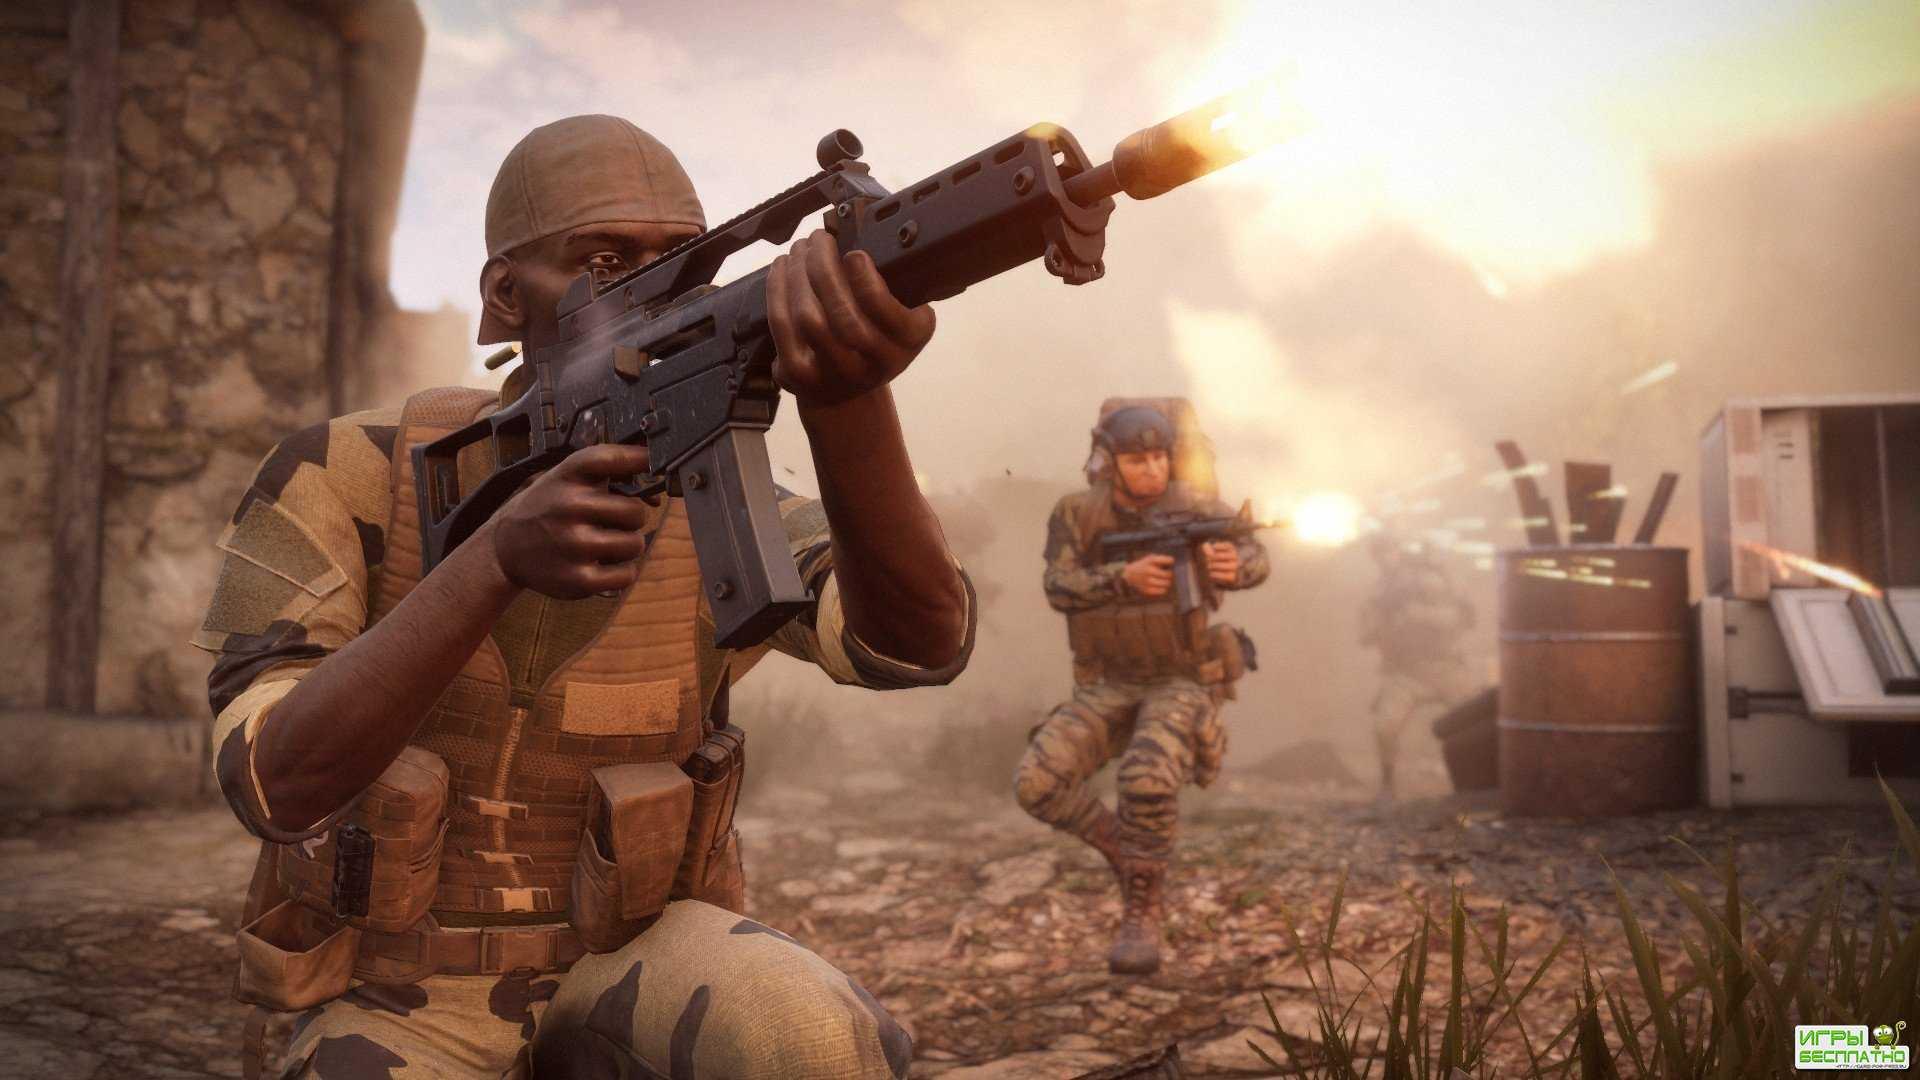 Военный шутер Insurgency: Sandstorm выйдет 29 сентября на PlayStation 4 и X ...